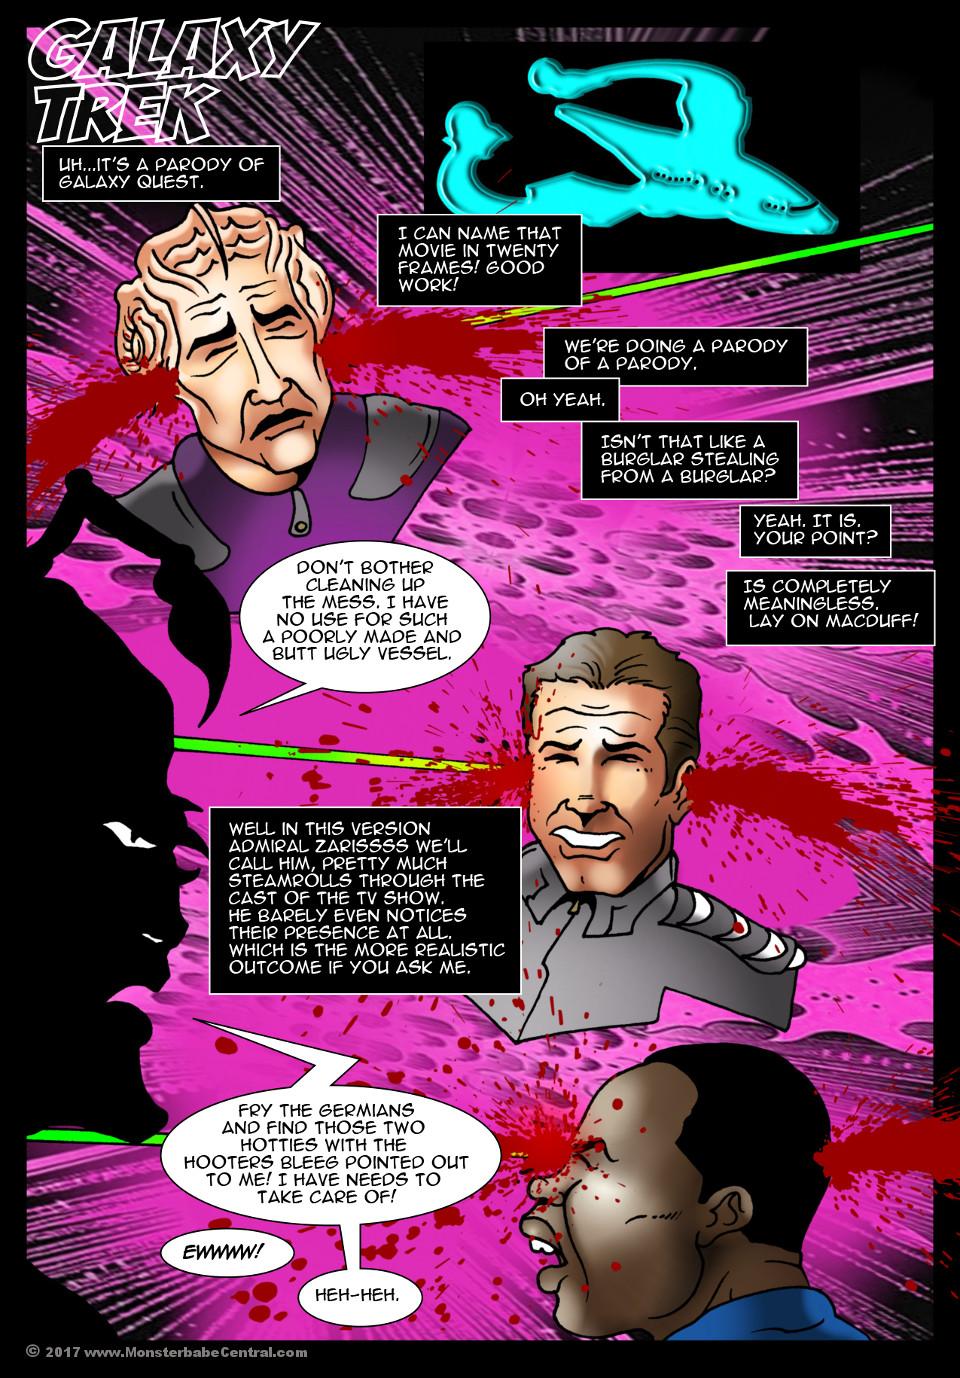 Galaxy Trek porn comics 8 muses